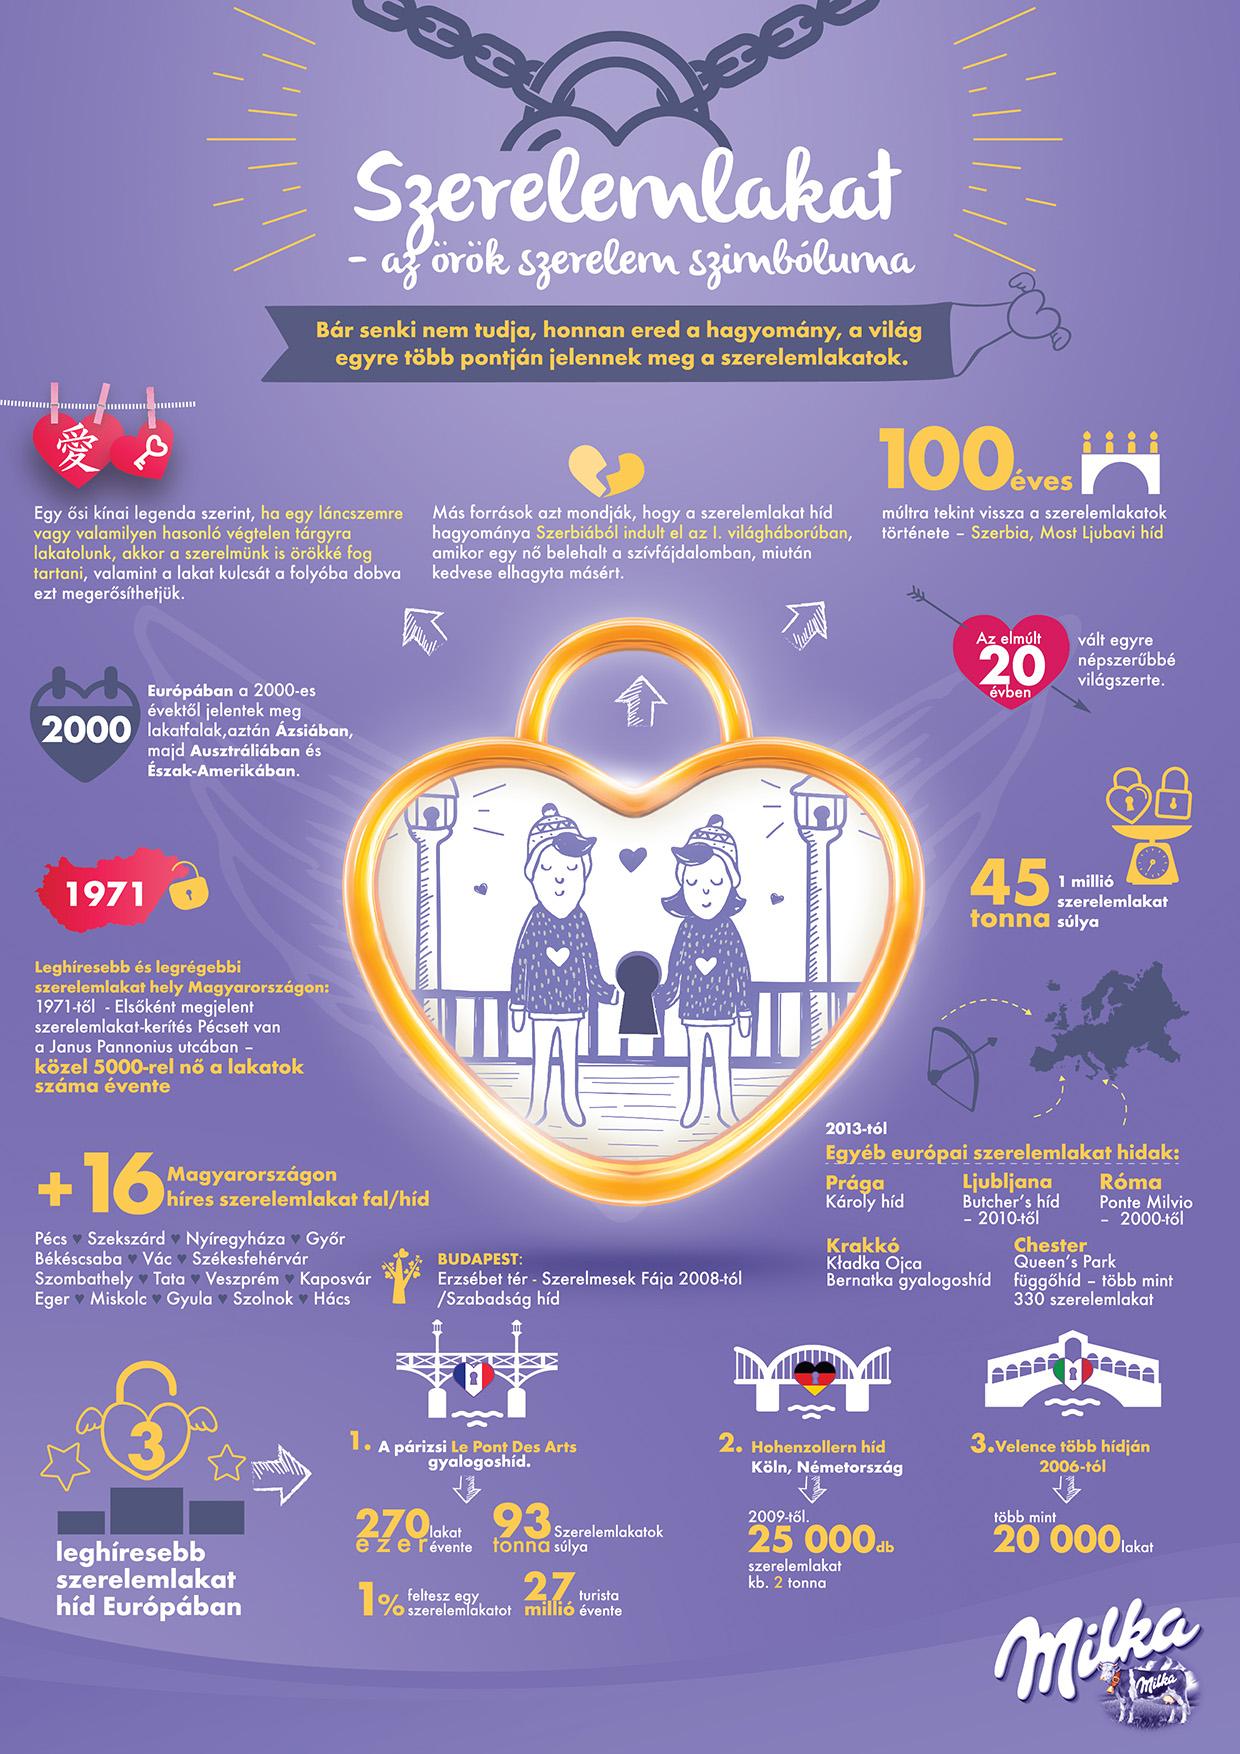 Milka szerelem lakat infografika